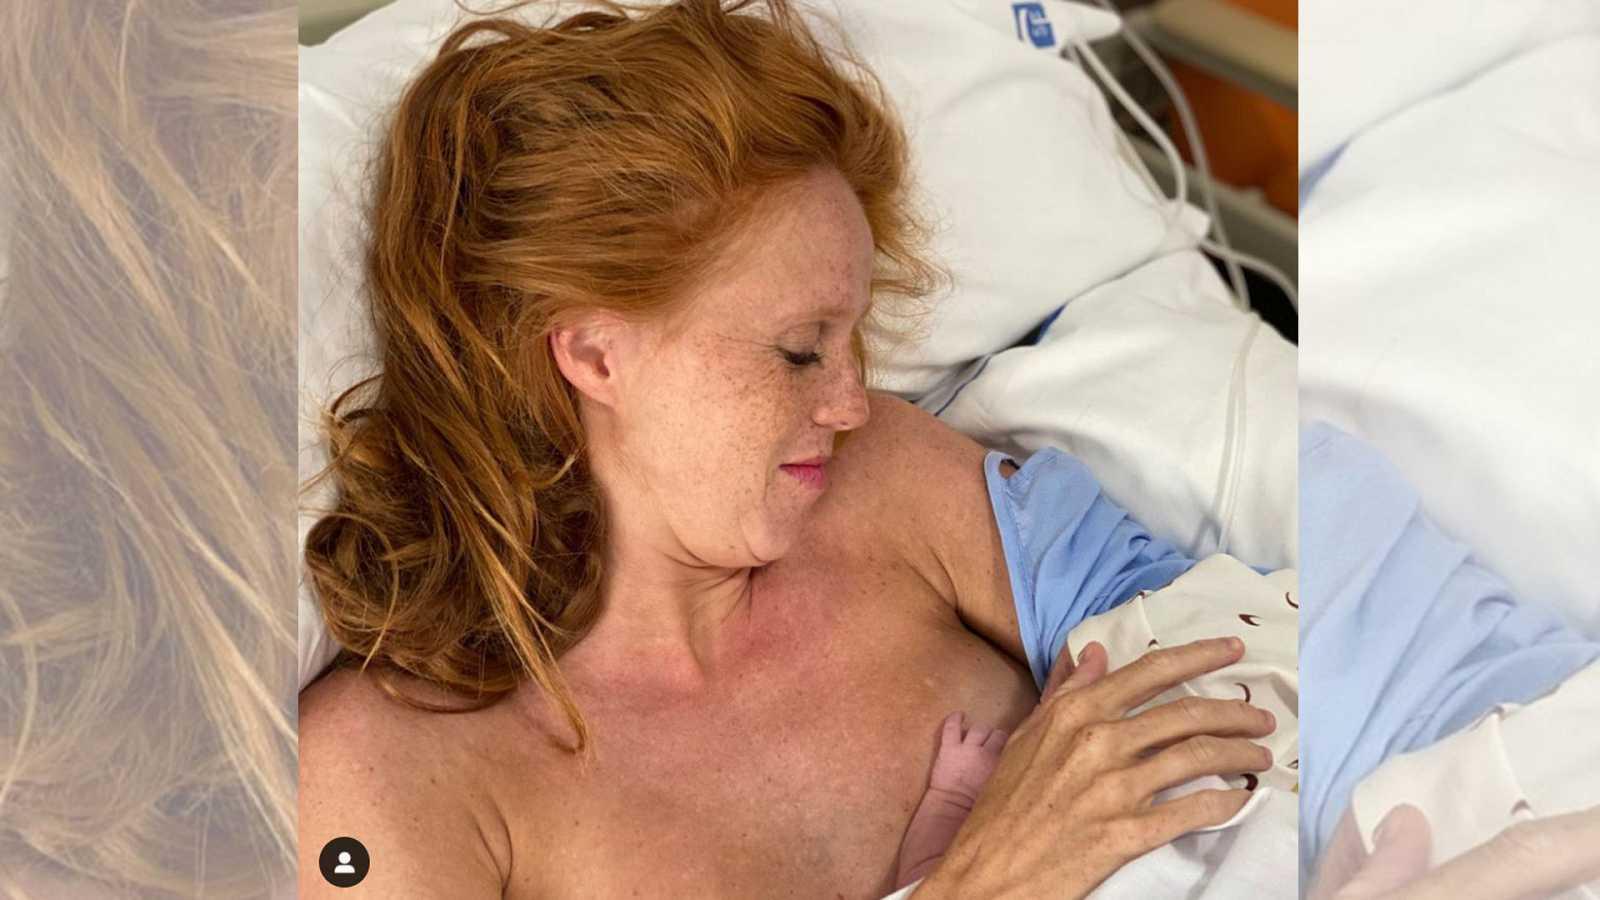 María Castro posa con su segunda hija en el hospital justo después de dar a luz